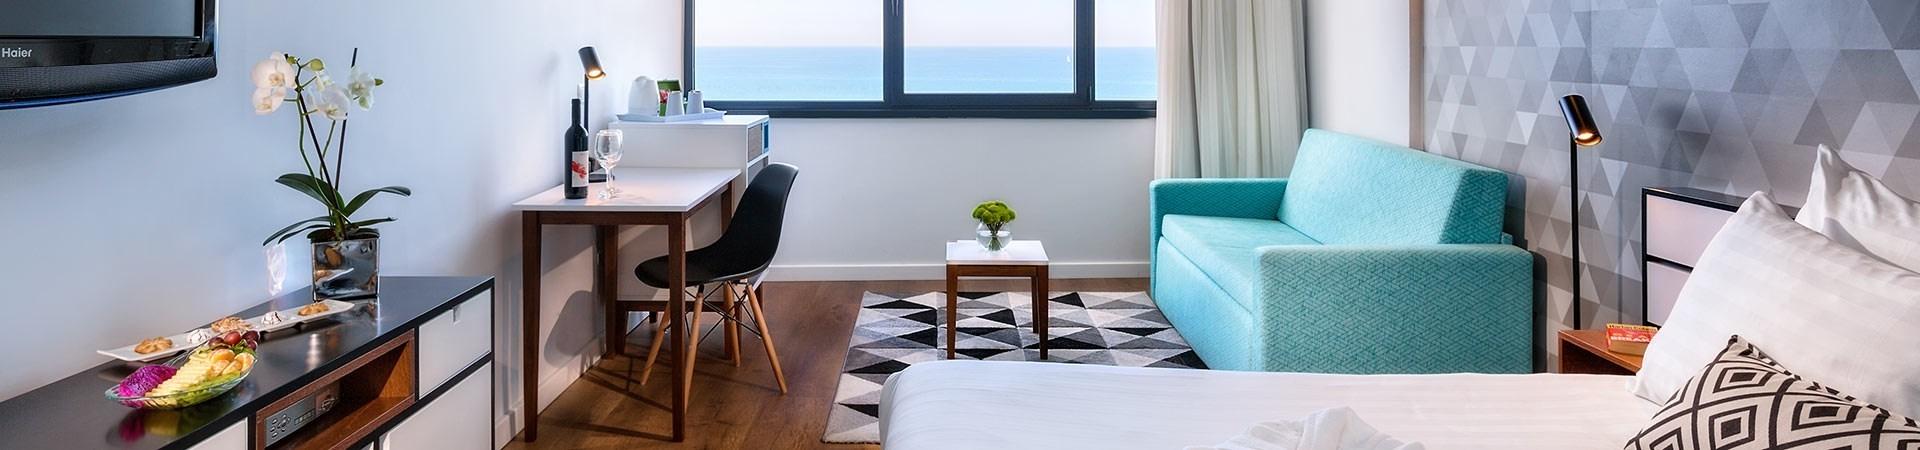 Prima Tel Aviv - Deluxe Room